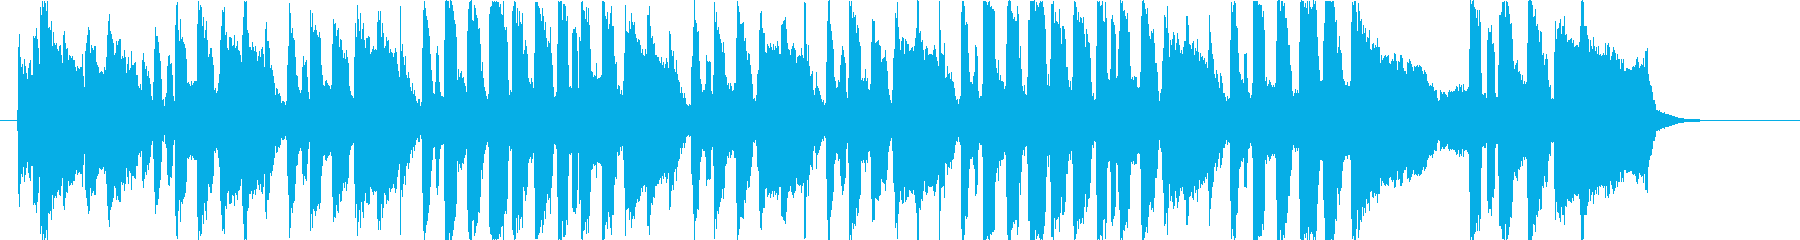 誕生日の歌(ワルツver) 【ゲン】の再生済みの波形